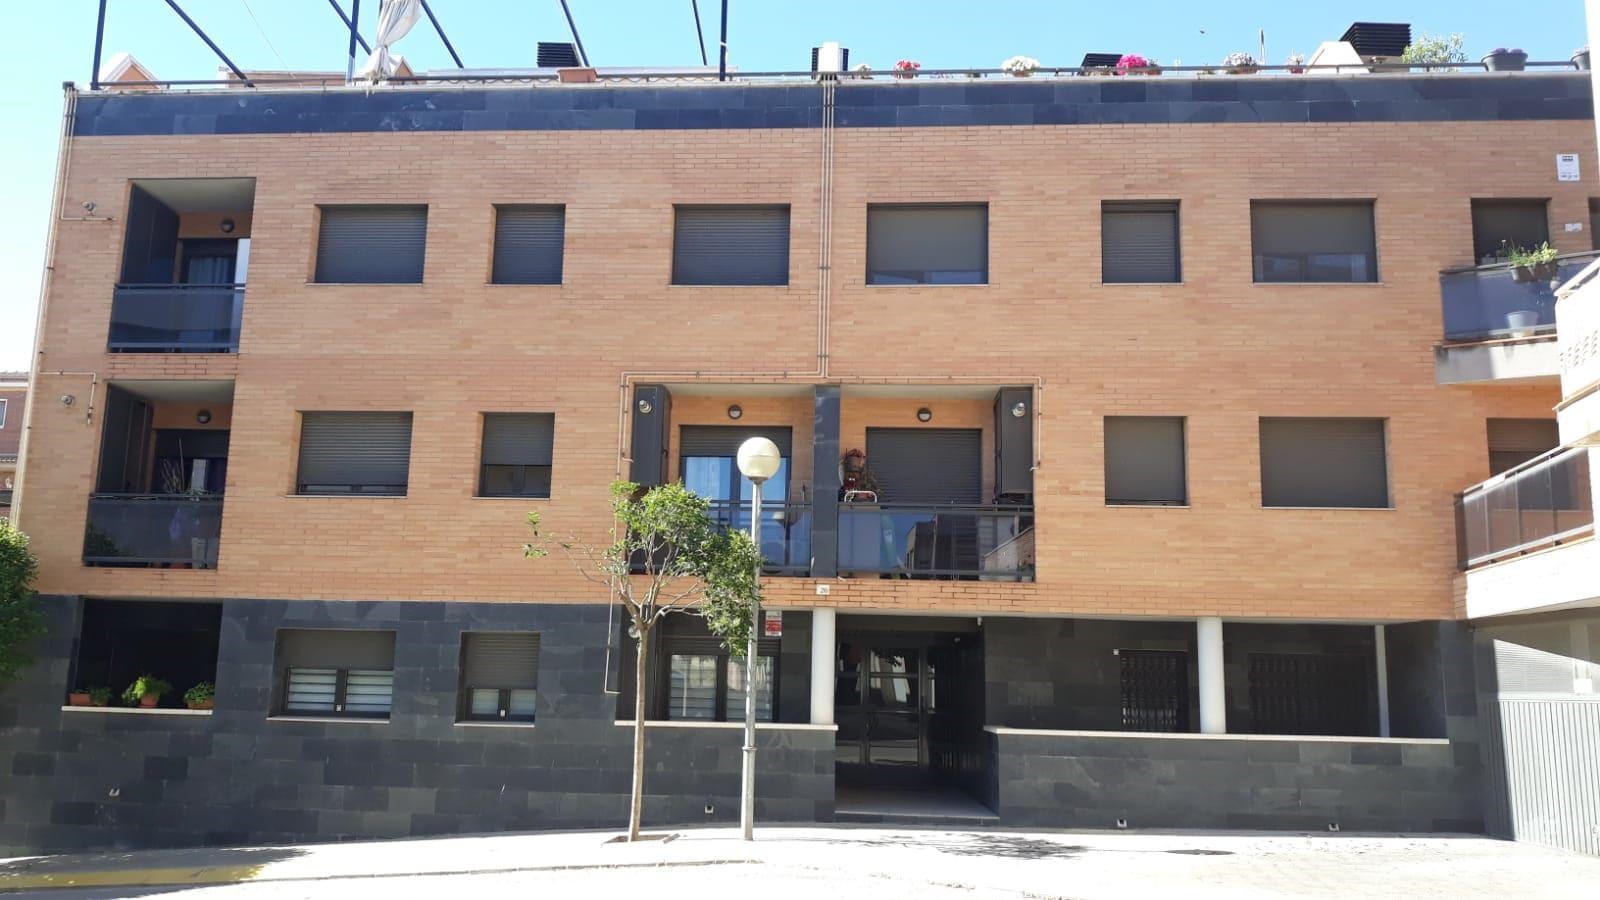 Piso en venta en Alcoletge, Alcoletge, Lleida, Calle Doctora Castells, 141.750 €, 4 habitaciones, 2 baños, 128 m2